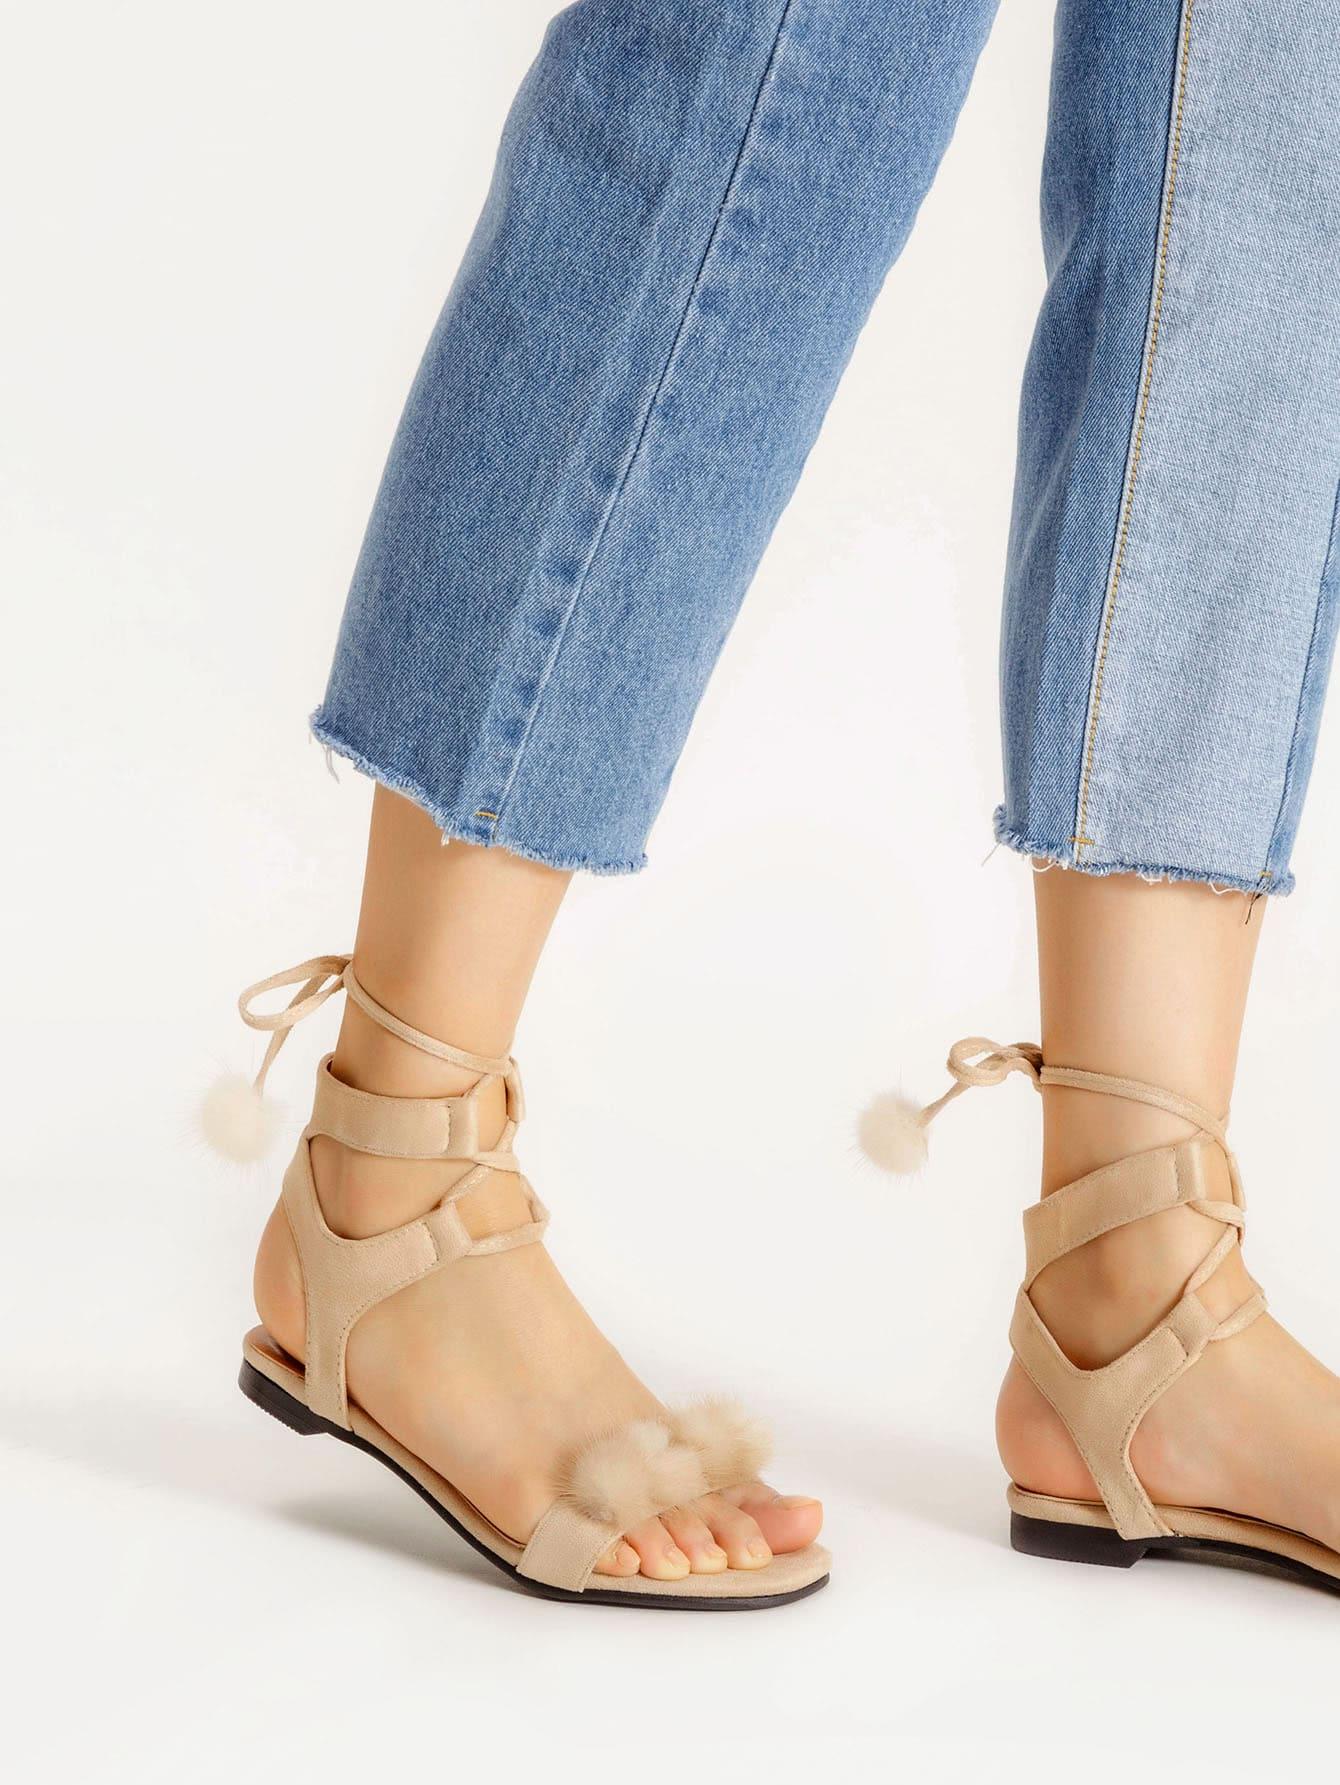 shoes170407809_2